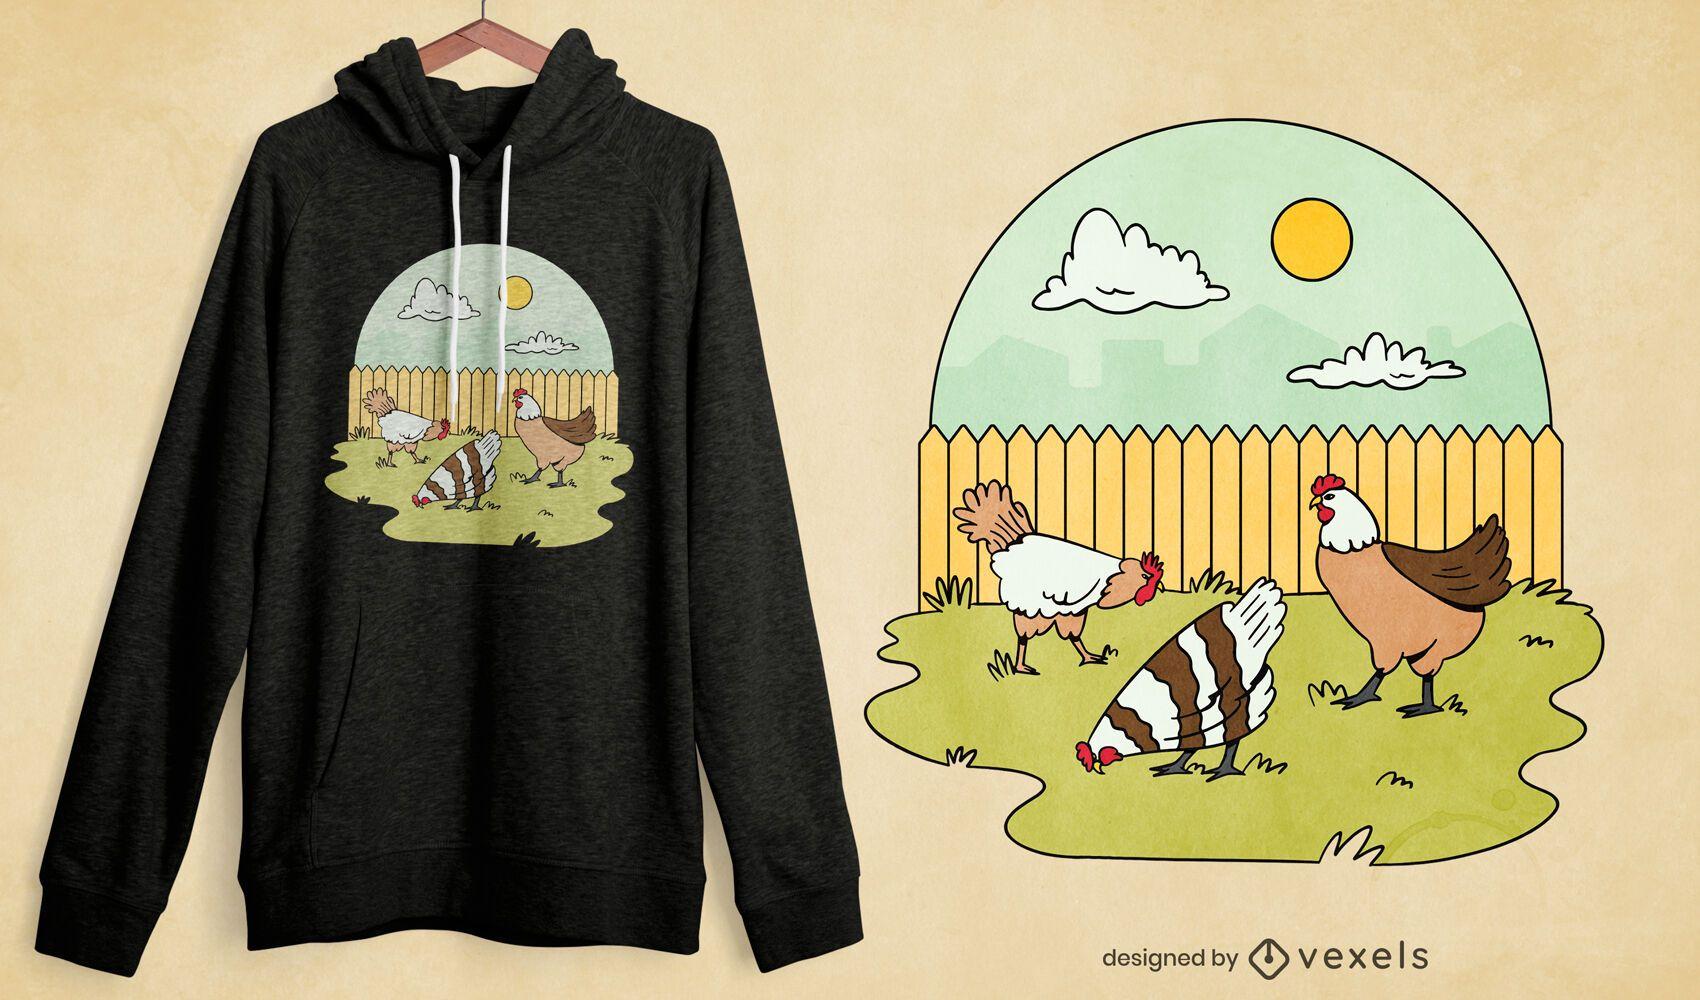 Chickens garden t-shirt design